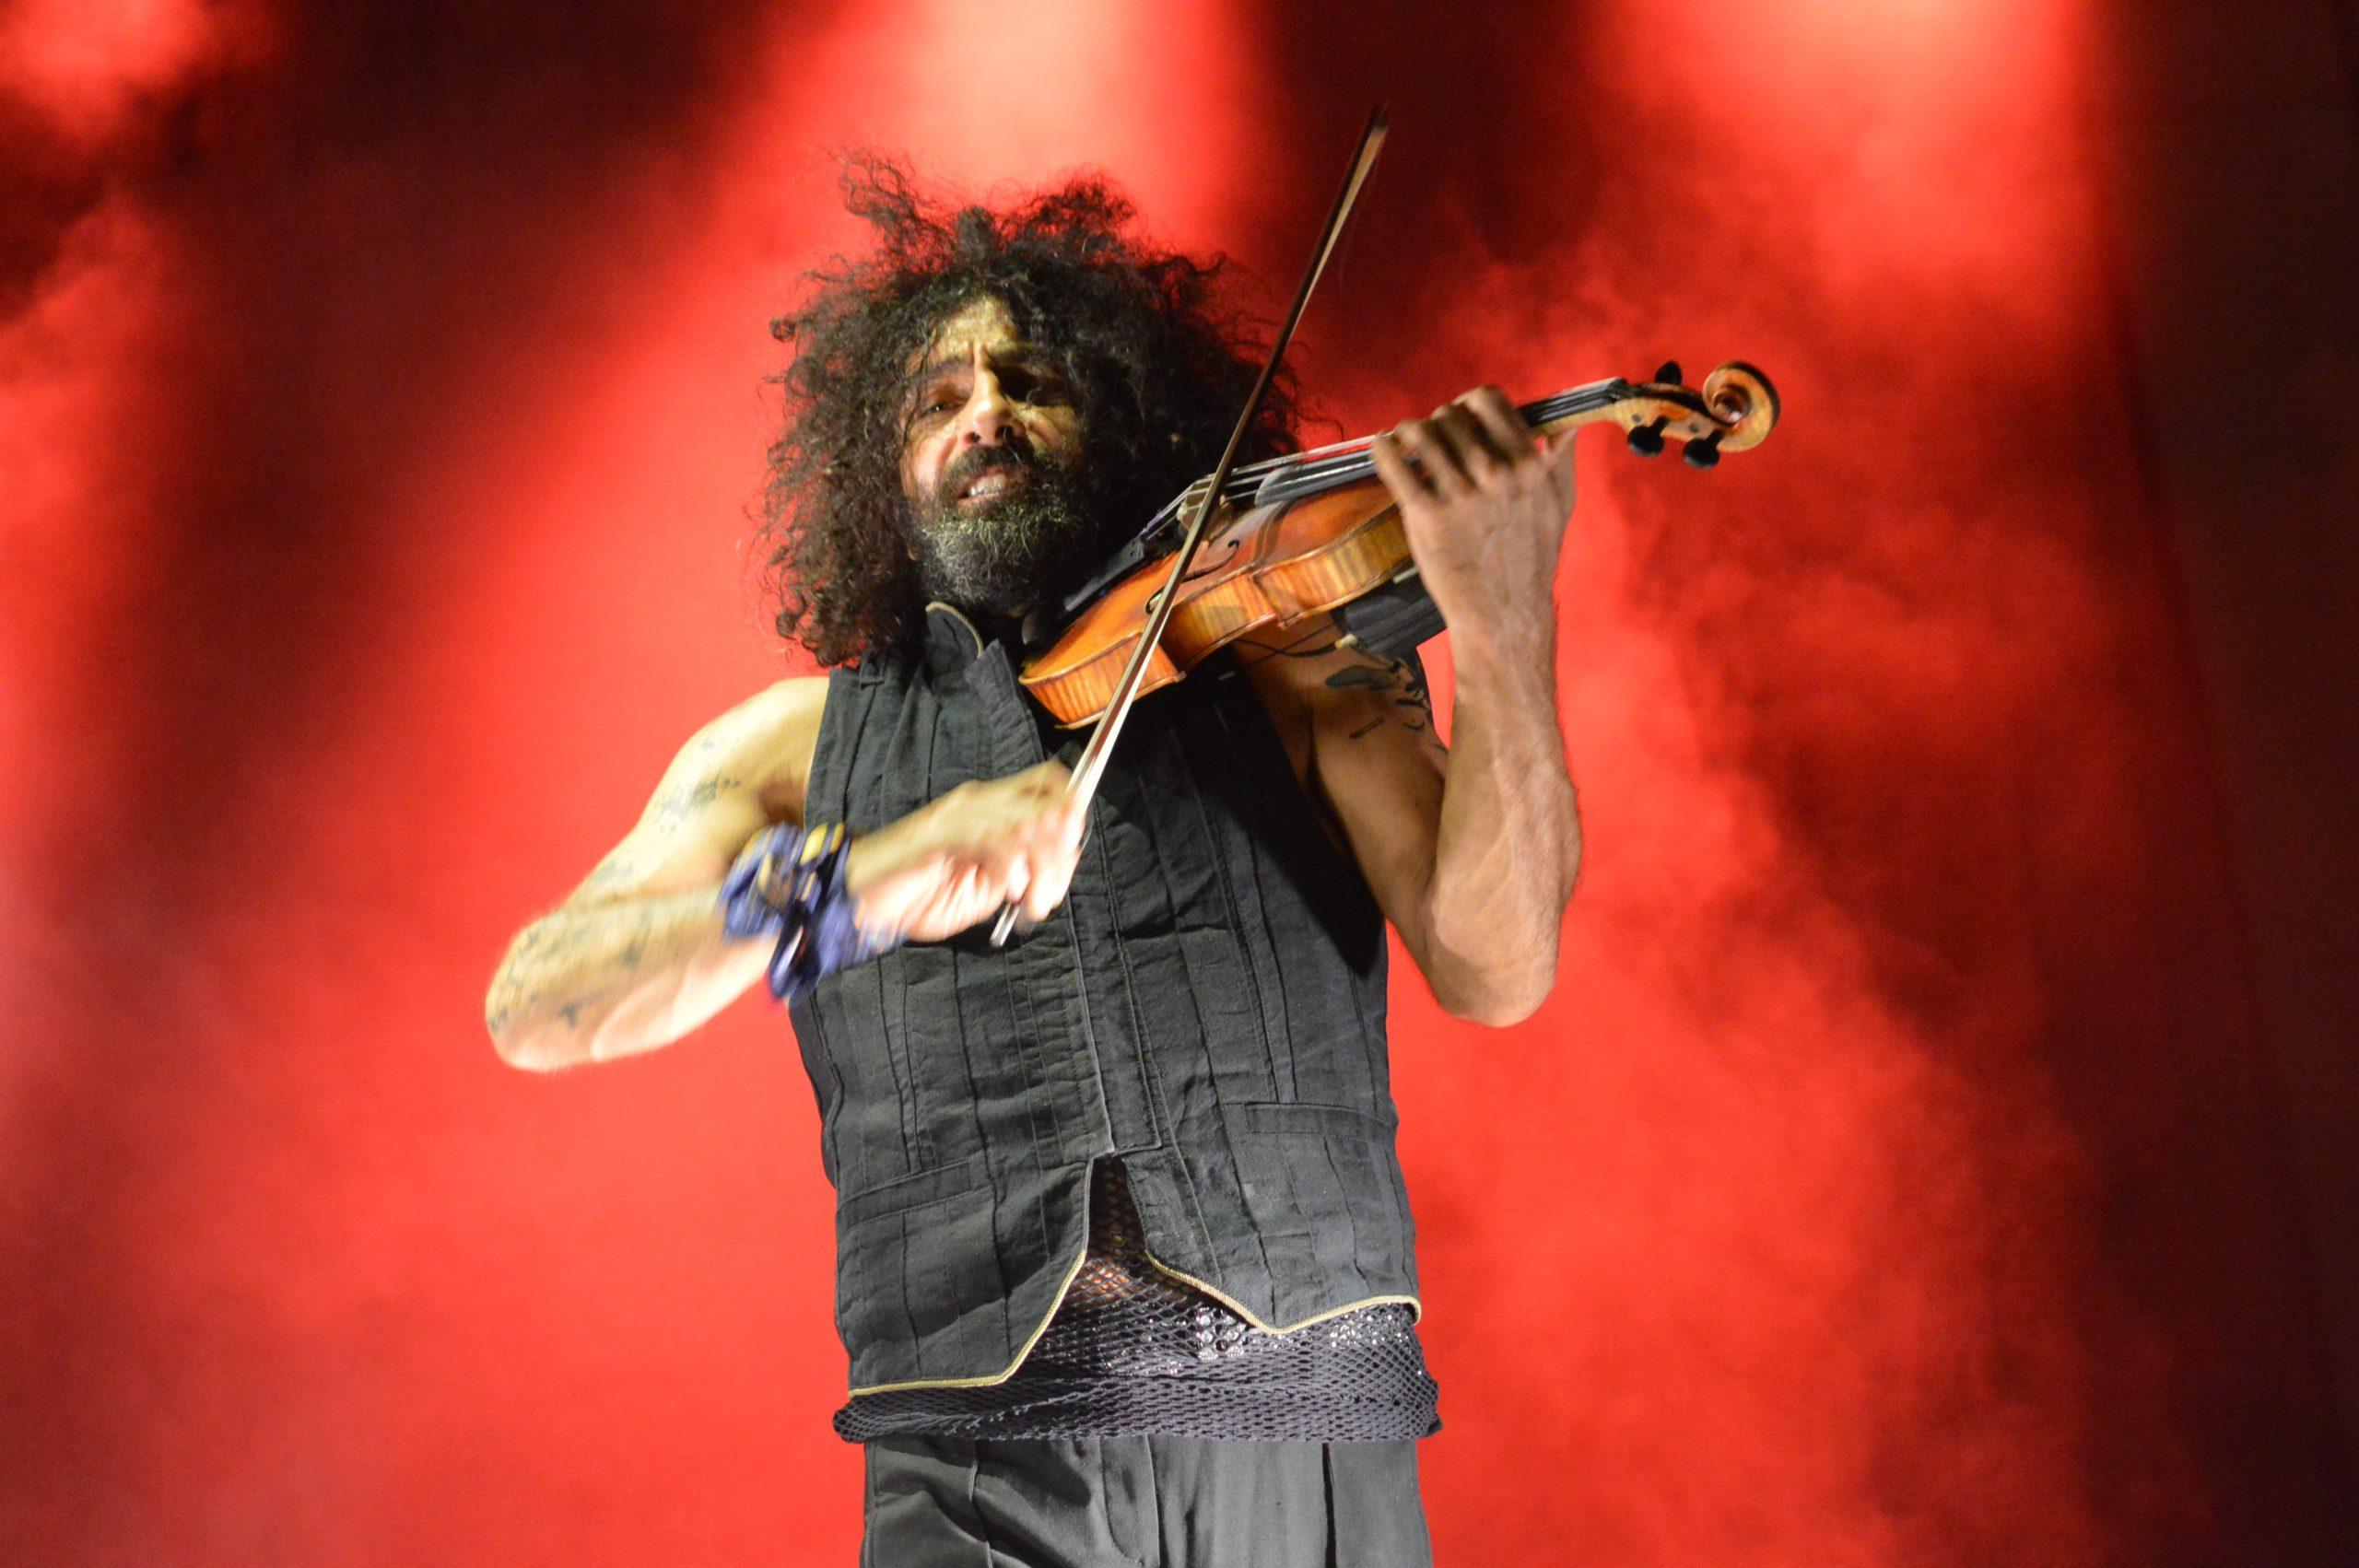 Ara Malikian emociona en su regreso a Ponferrada demostrando una vez más su virtuosismo con el violín 7